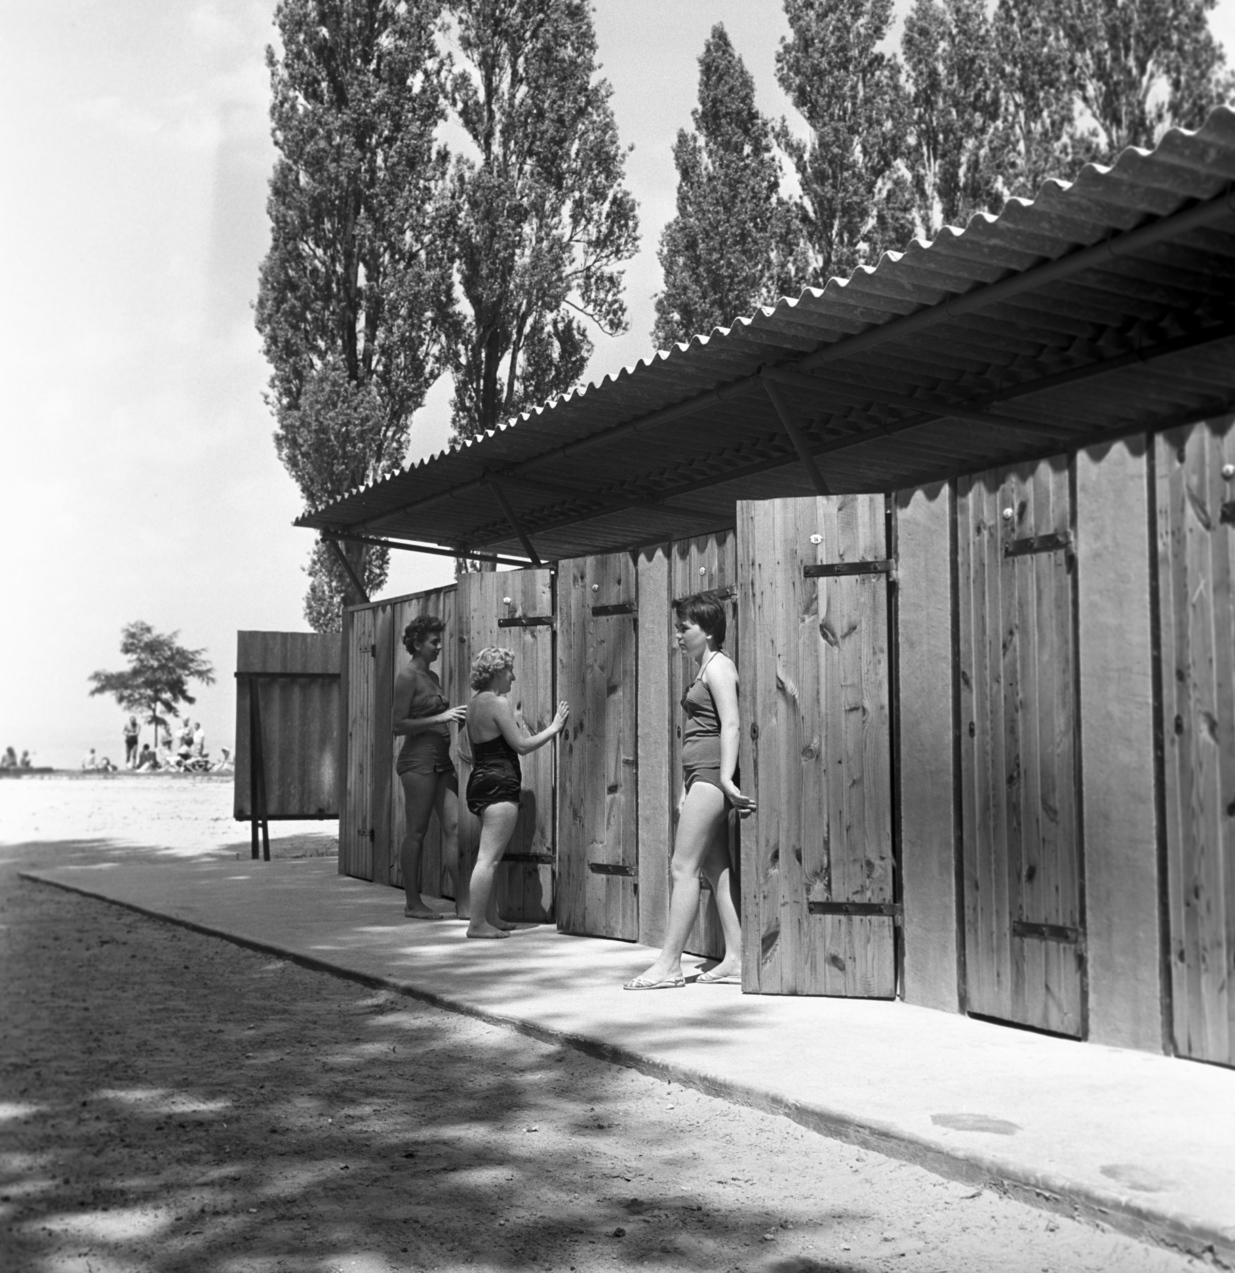 Siófok, 1960. augusztus 9. Fürdőruhás nők az öltözőkabinoknál egy Balaton-parti strandon. MTI Fotó: Urbán Nándor